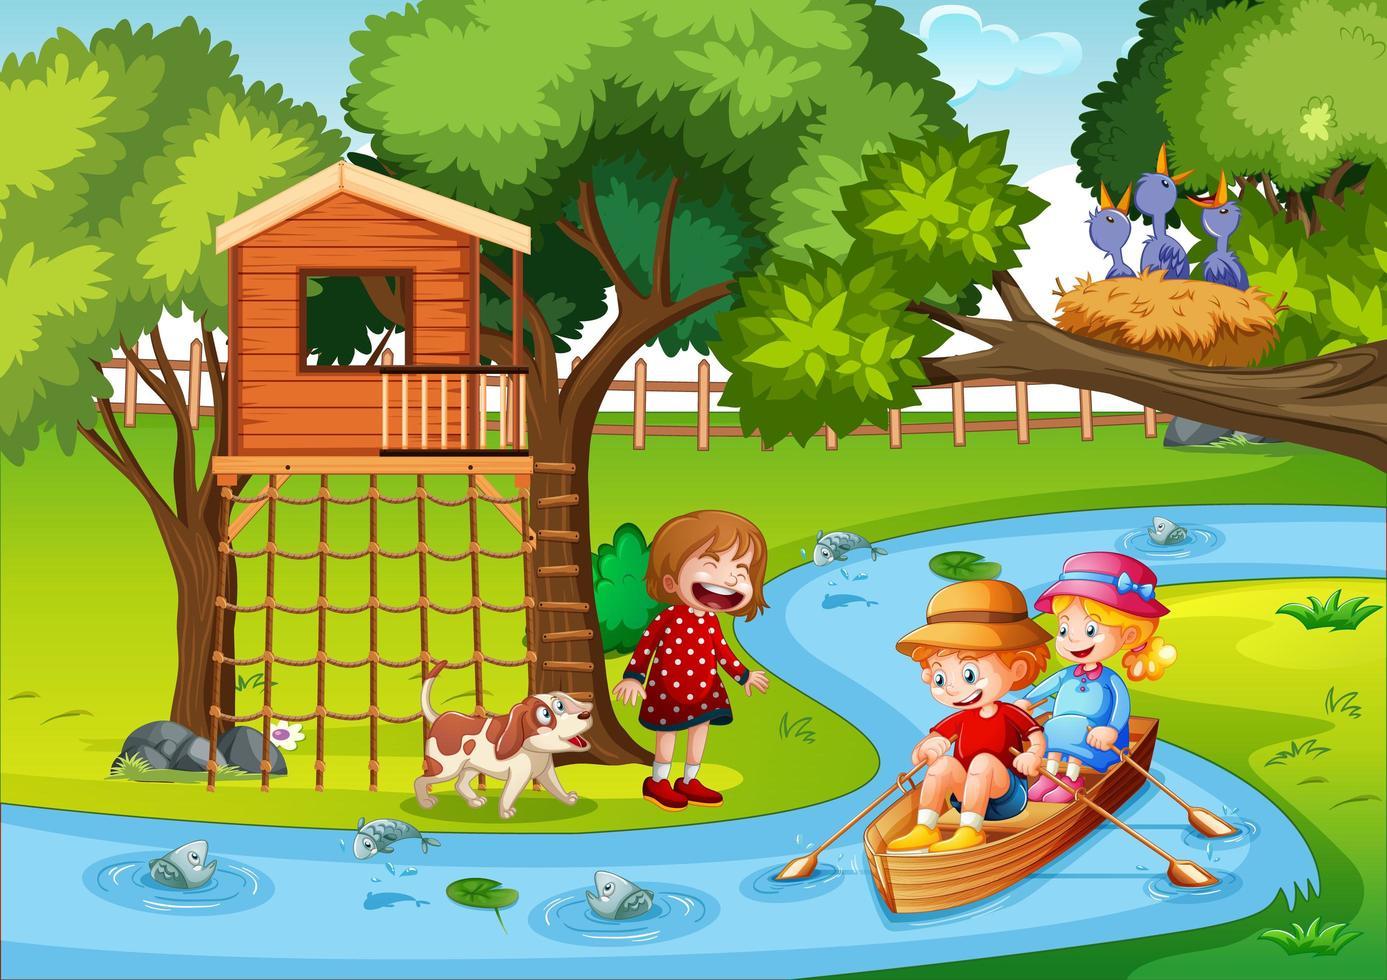 enfants rament le bateau dans la scène de la forêt du ruisseau vecteur